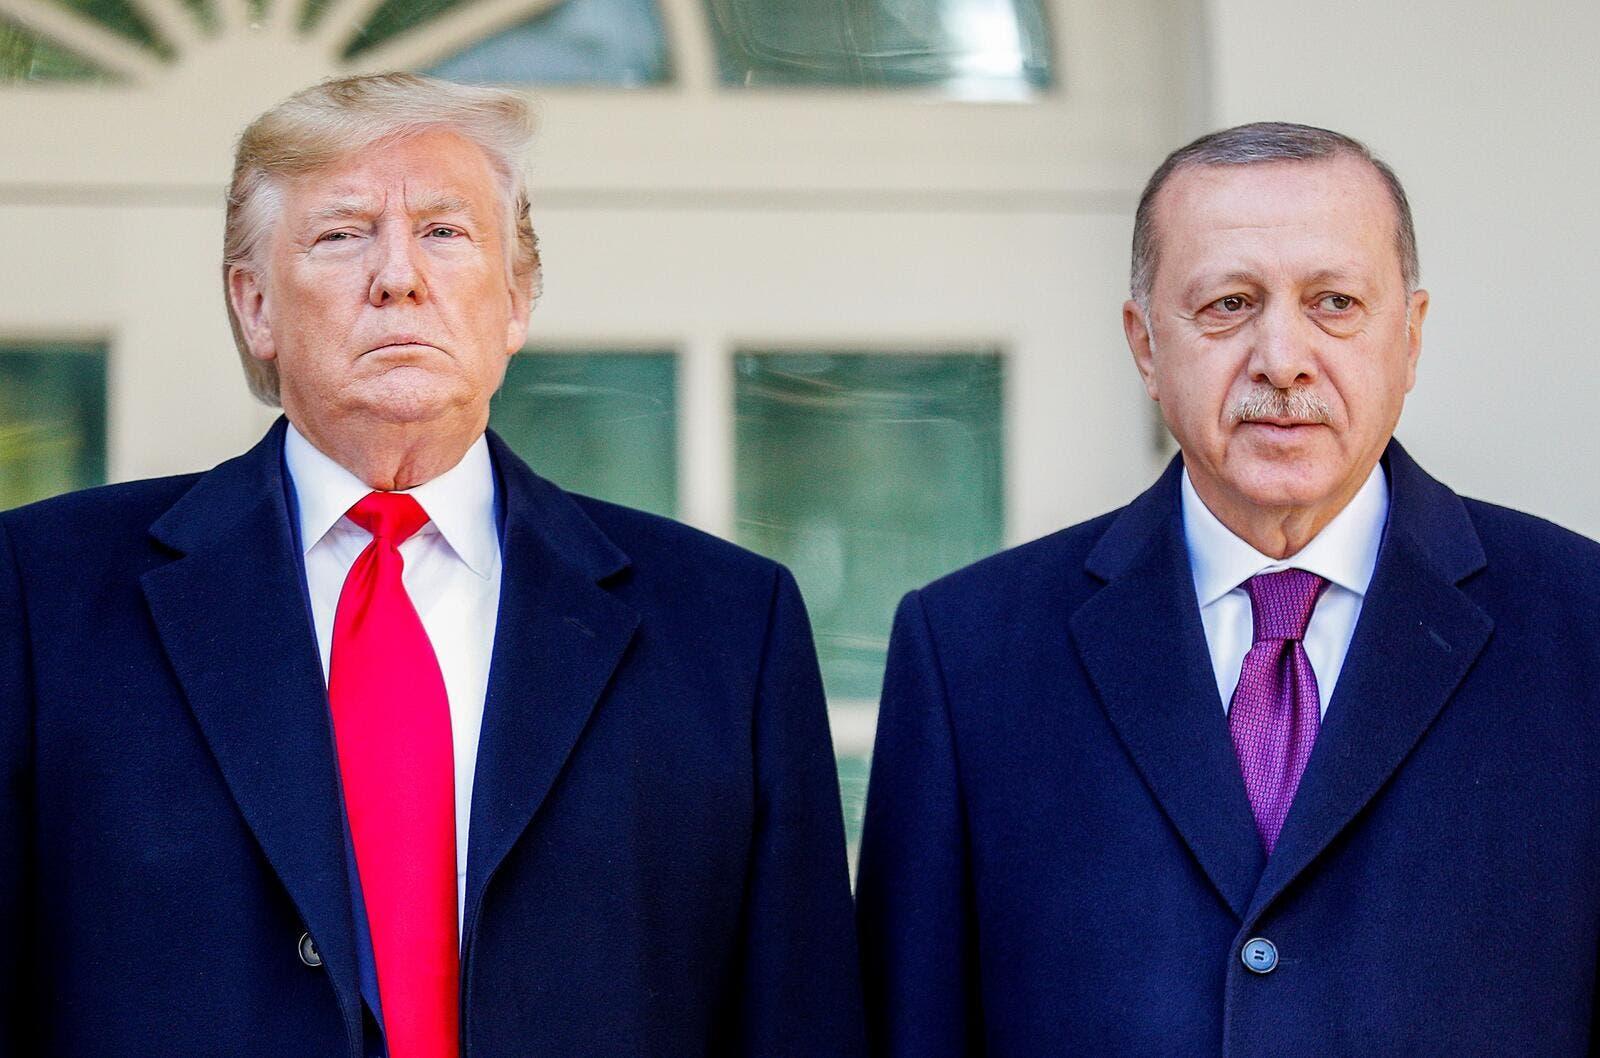 ترامب يستقبل اردوغان ويشيد بالعلاقات مع تركيا